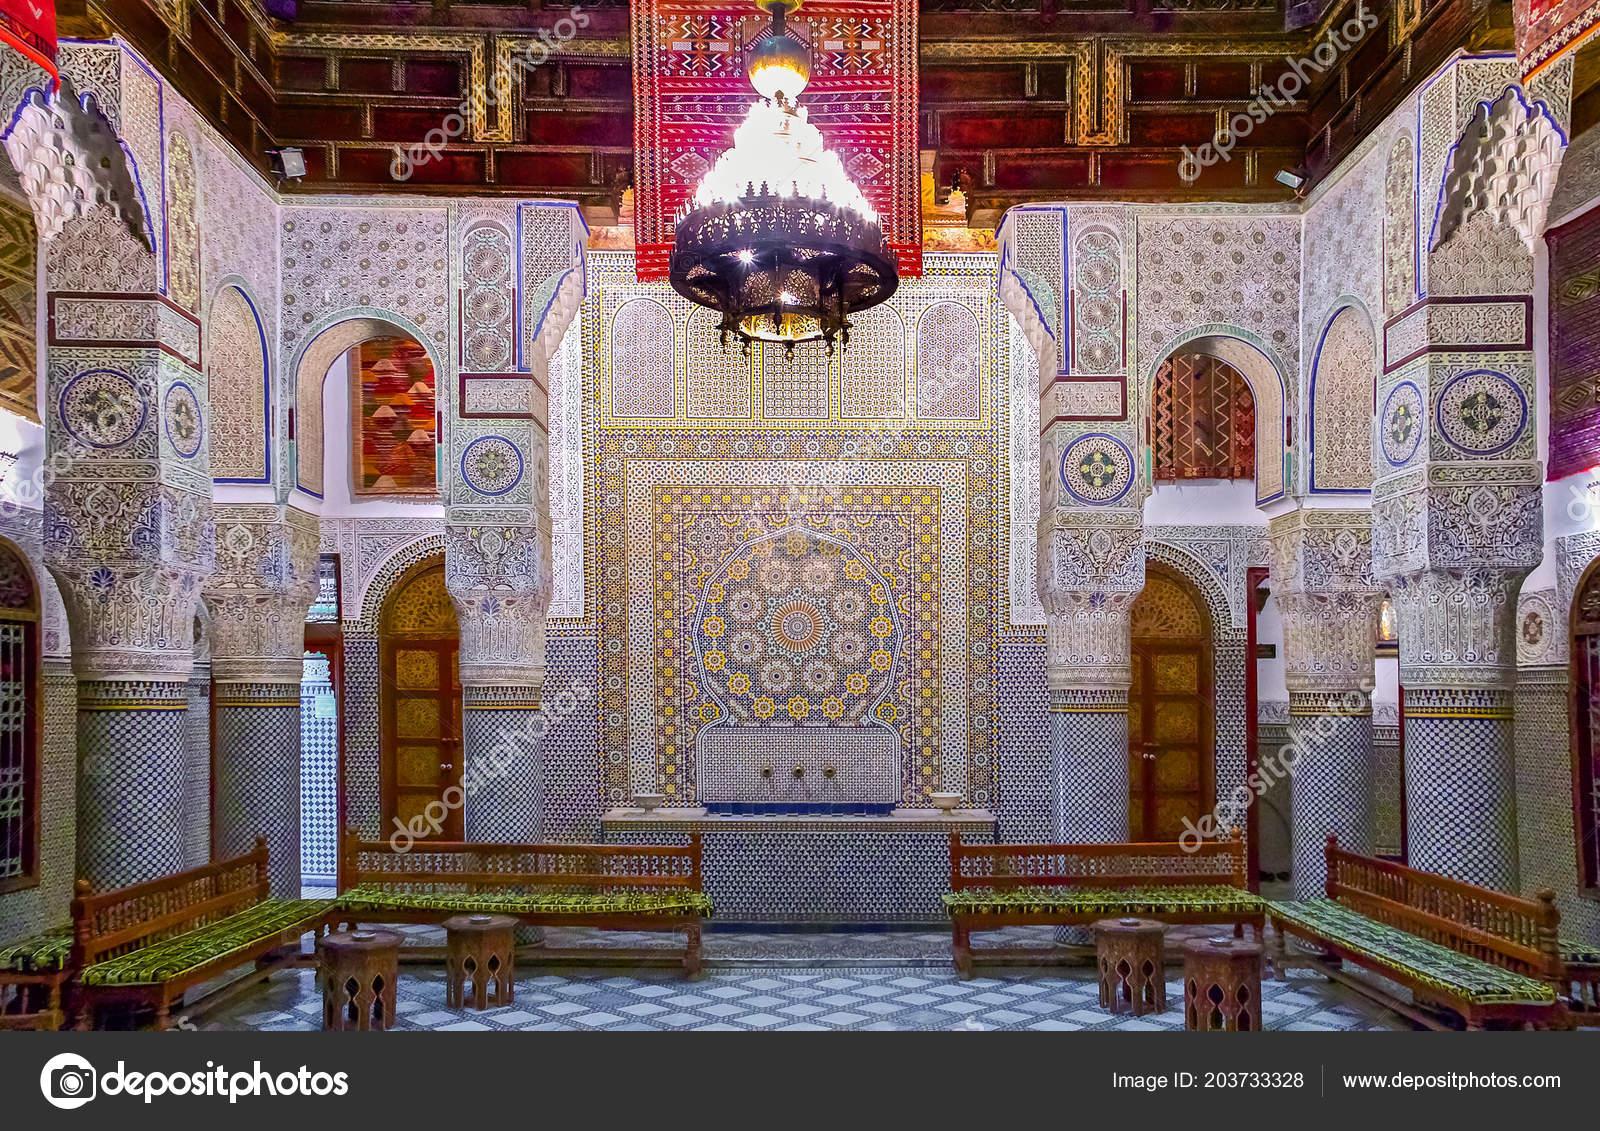 Fes marocco maggio 2013 cortile decorato con mosaico ornato sculture